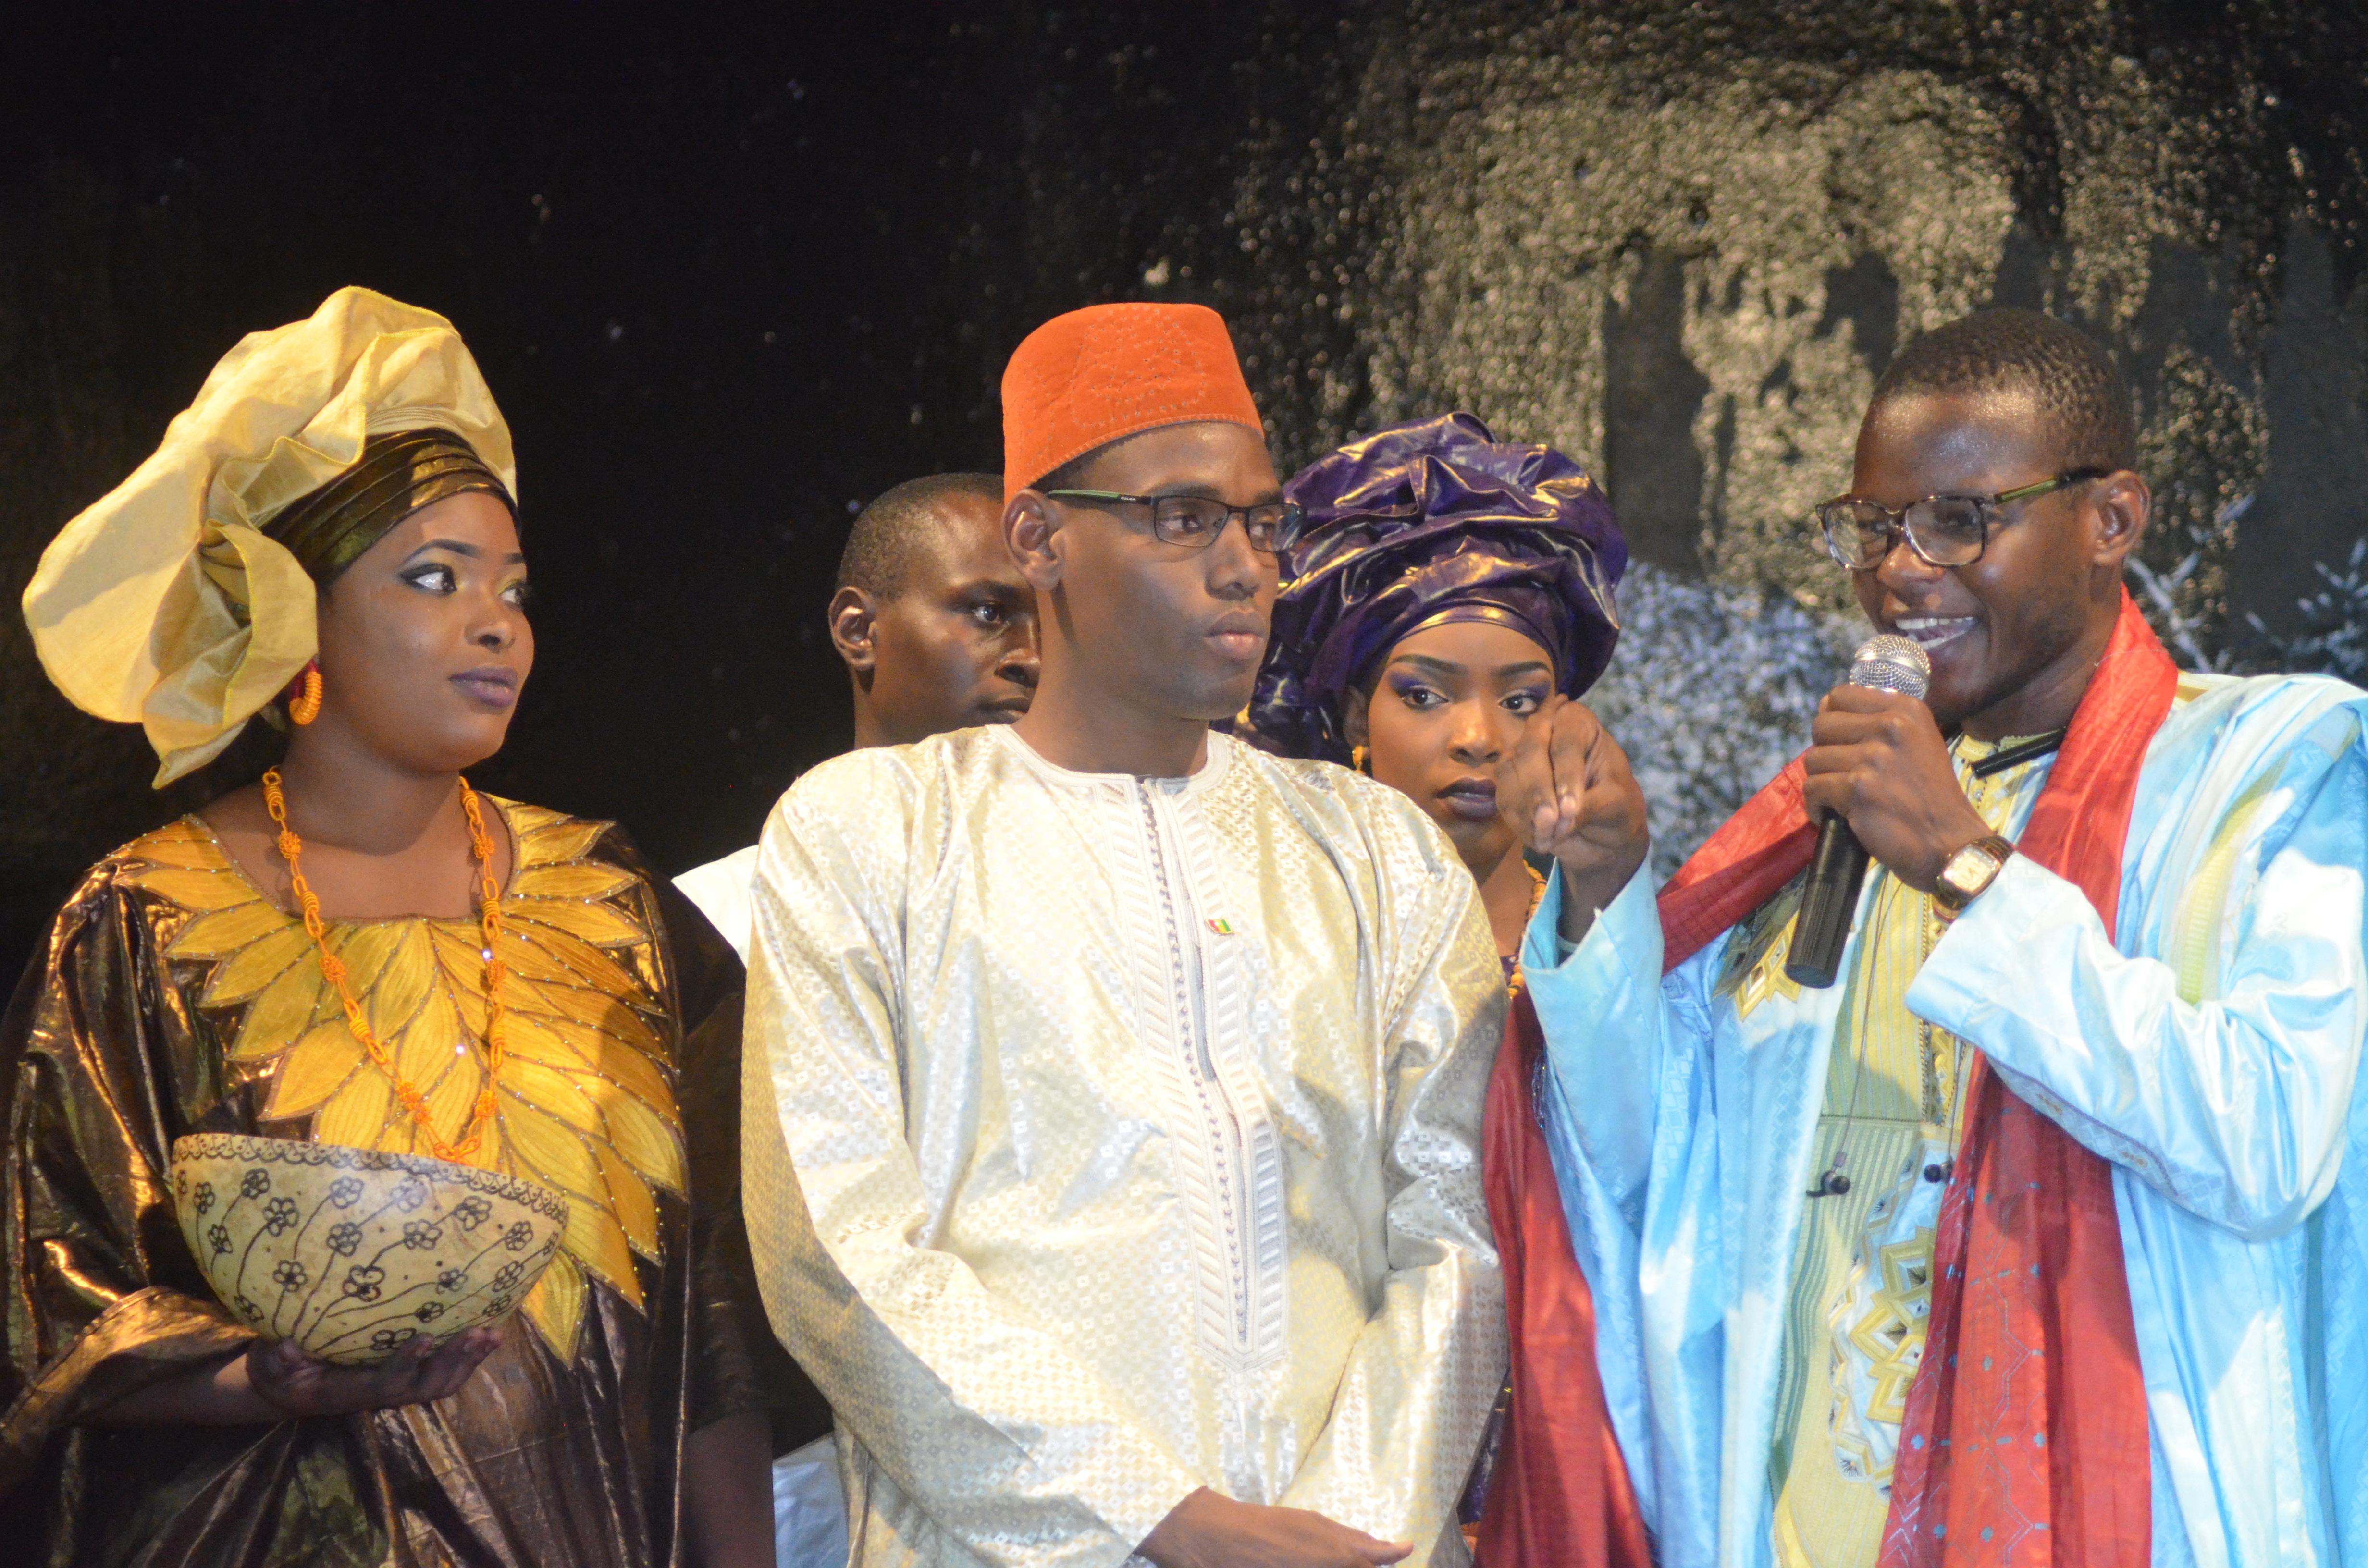 Première Edition soirée culturelle de l'Association Boyinadji Ma fierté de Bokidiawé, le parrain Bocar Abdoulaye Ly appelle à l'union des cœurs (36)